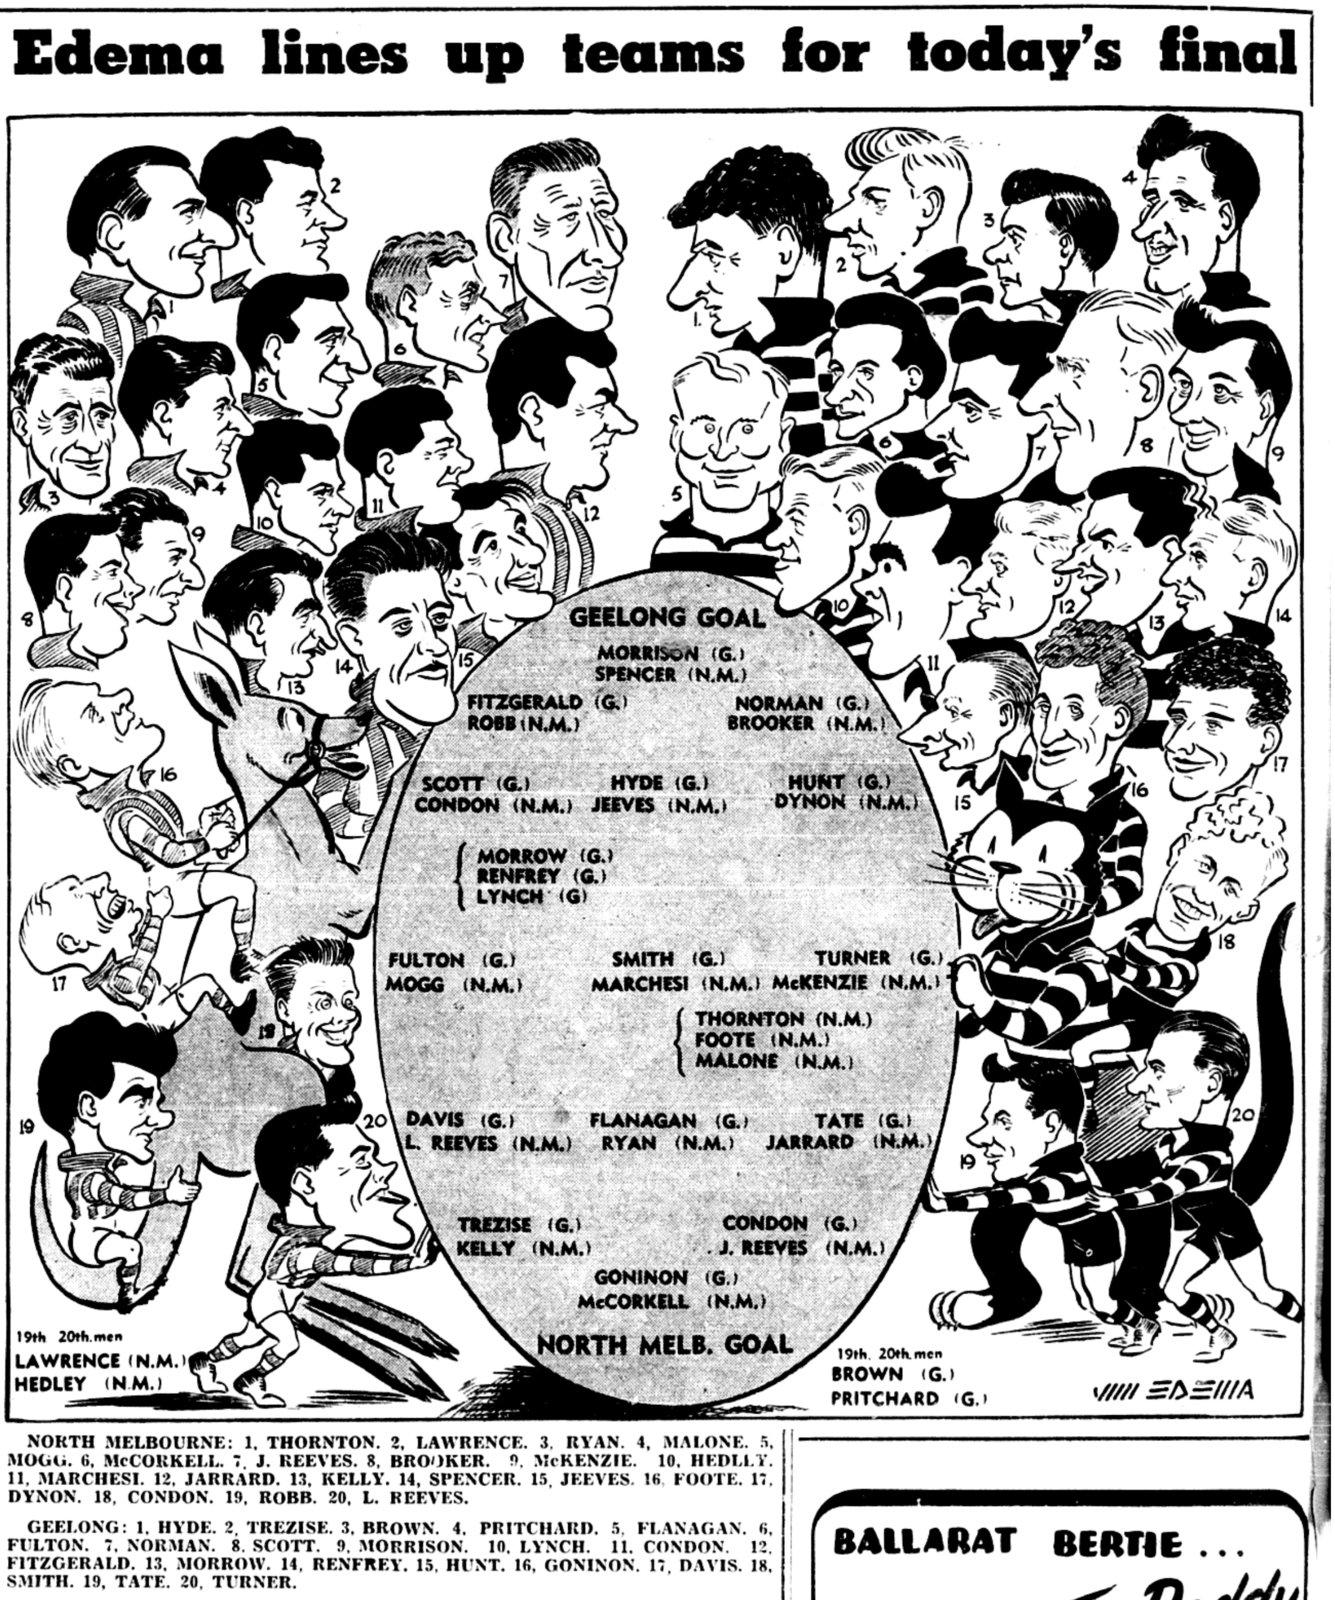 1950 PF Teams.jpg